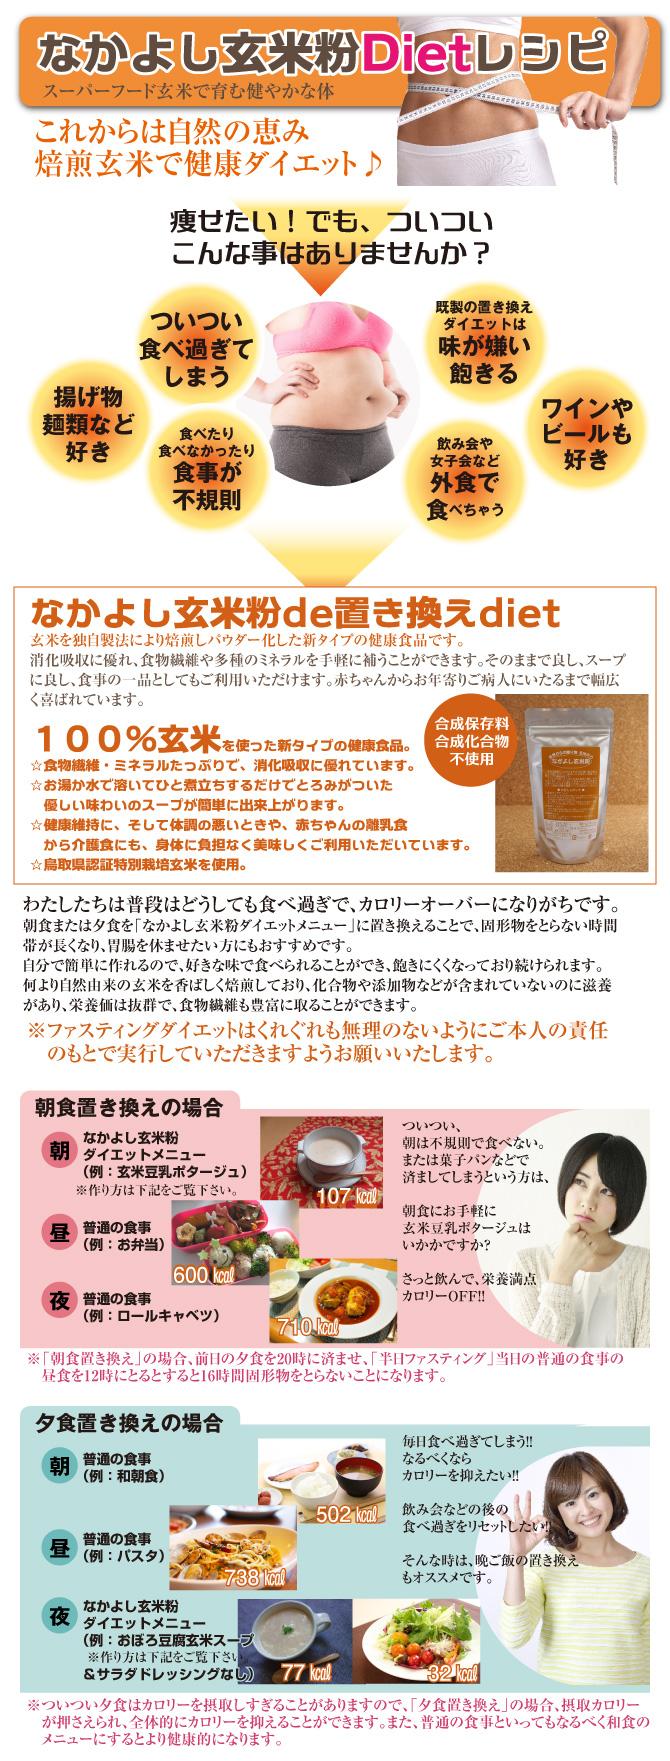 置き換えダイエットレシピ1